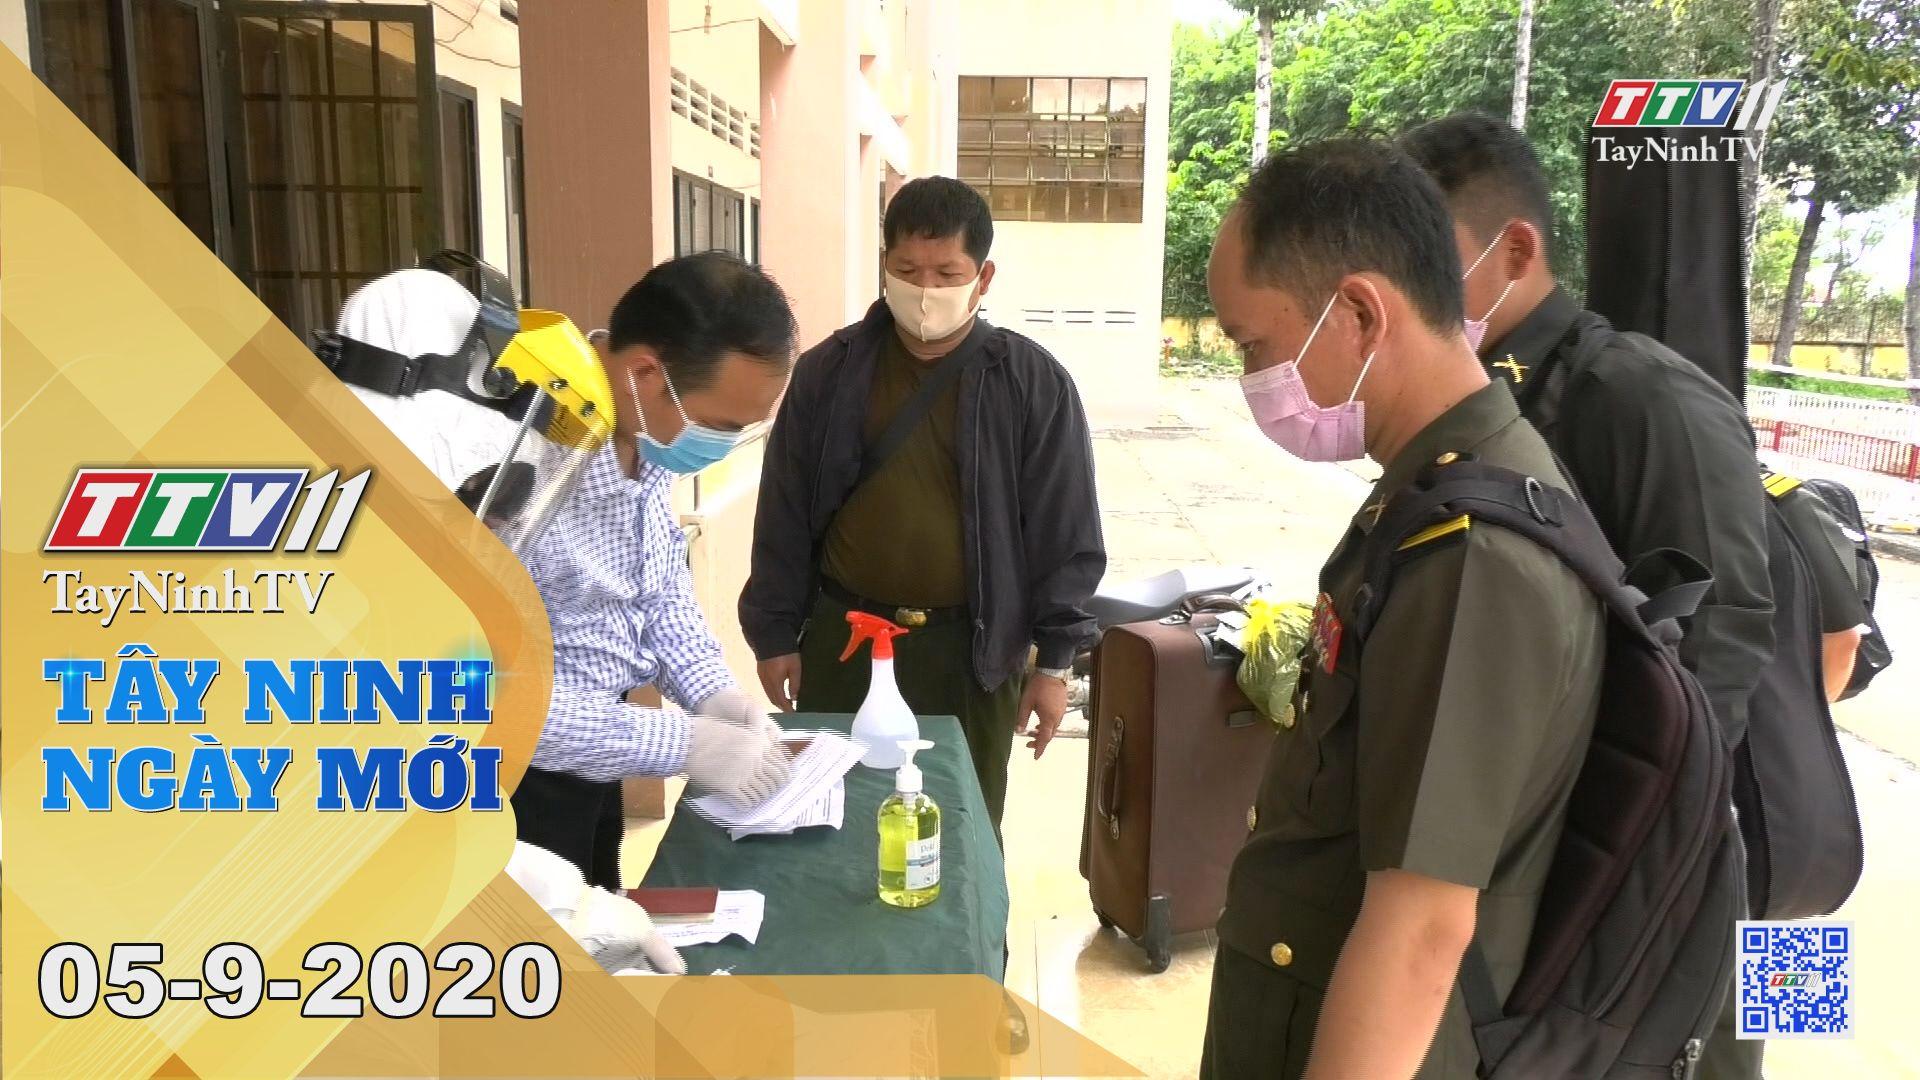 Tây Ninh Ngày Mới 05-9-2020 | Tin tức hôm nay | TayNinhTV